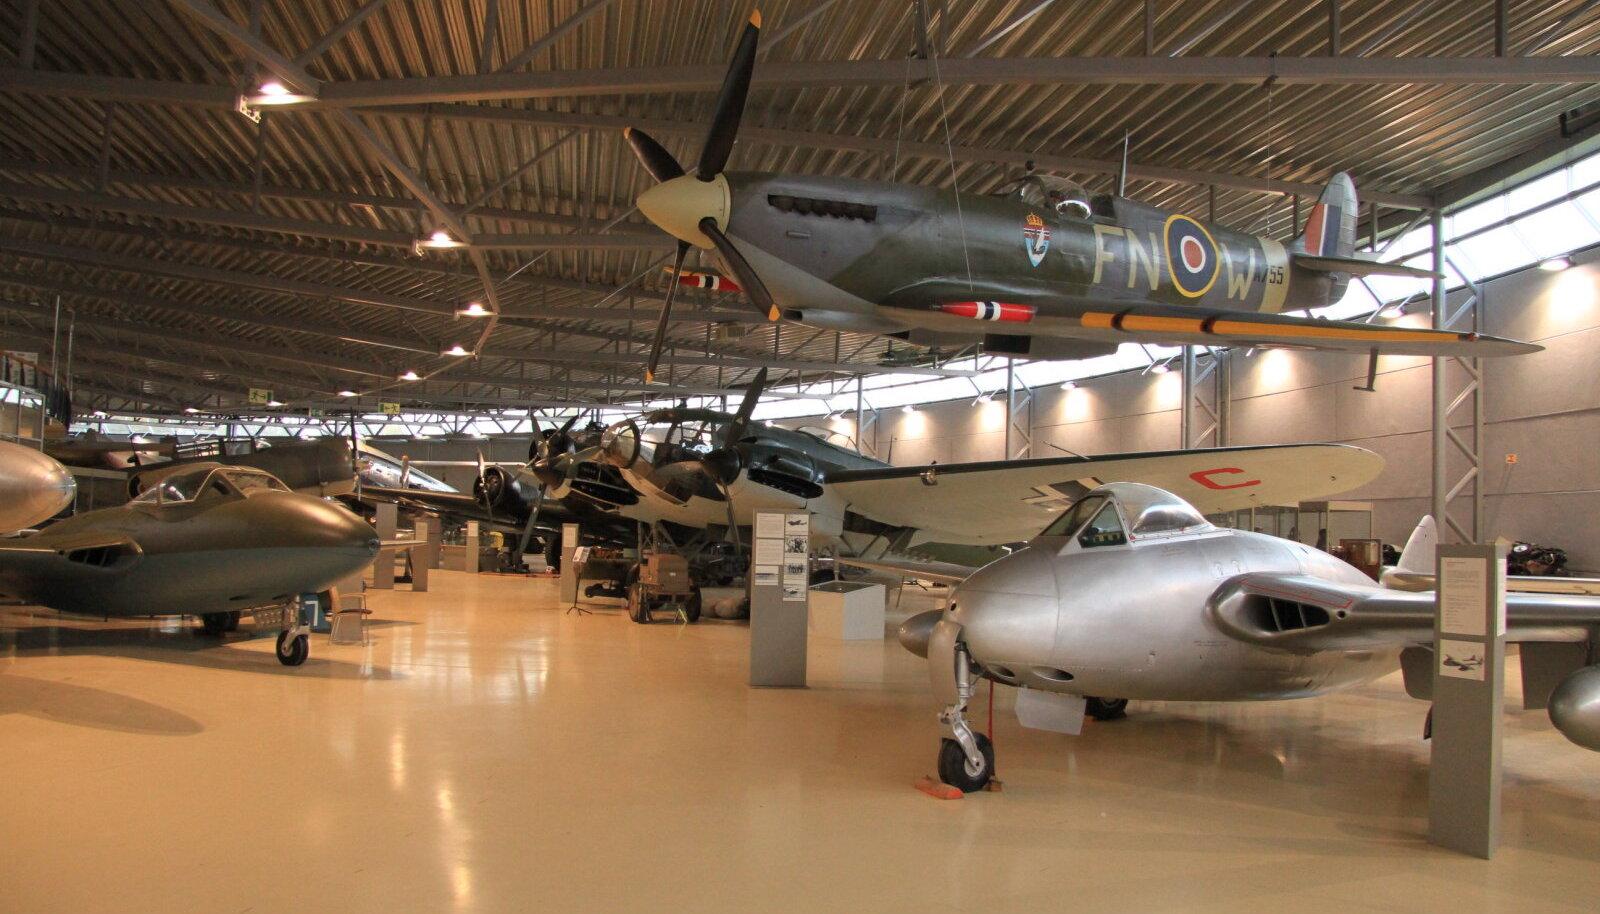 Norra lennundusmuuseum